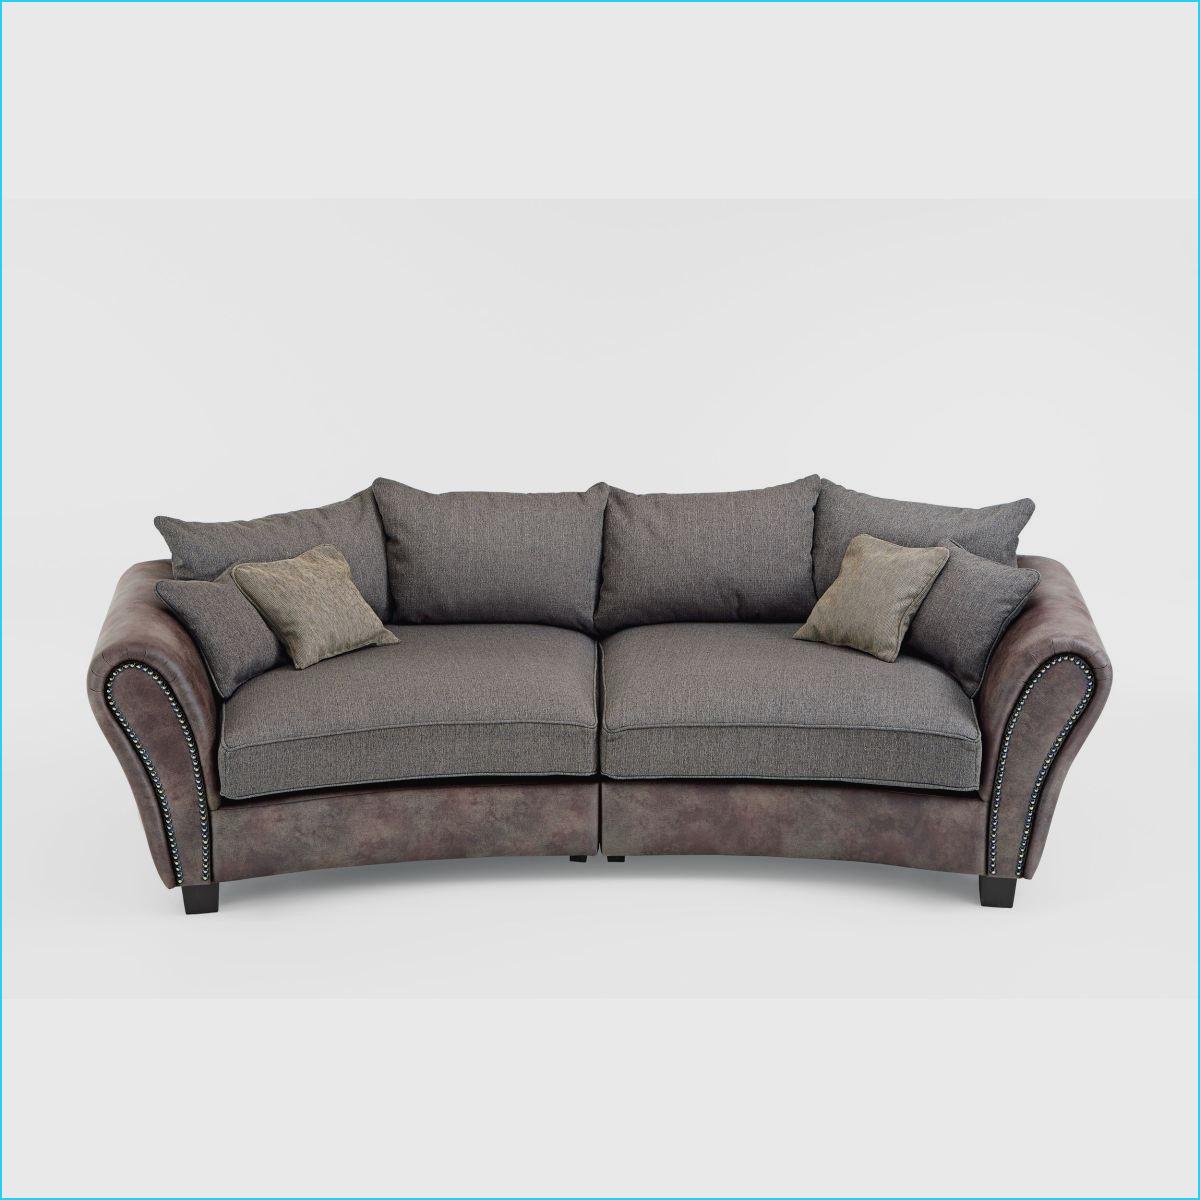 mobel boss couchgarnituren unique bilder haus mobel couchgarnituren bei boss couch mobel elegant von mobel boss couchgarnituren